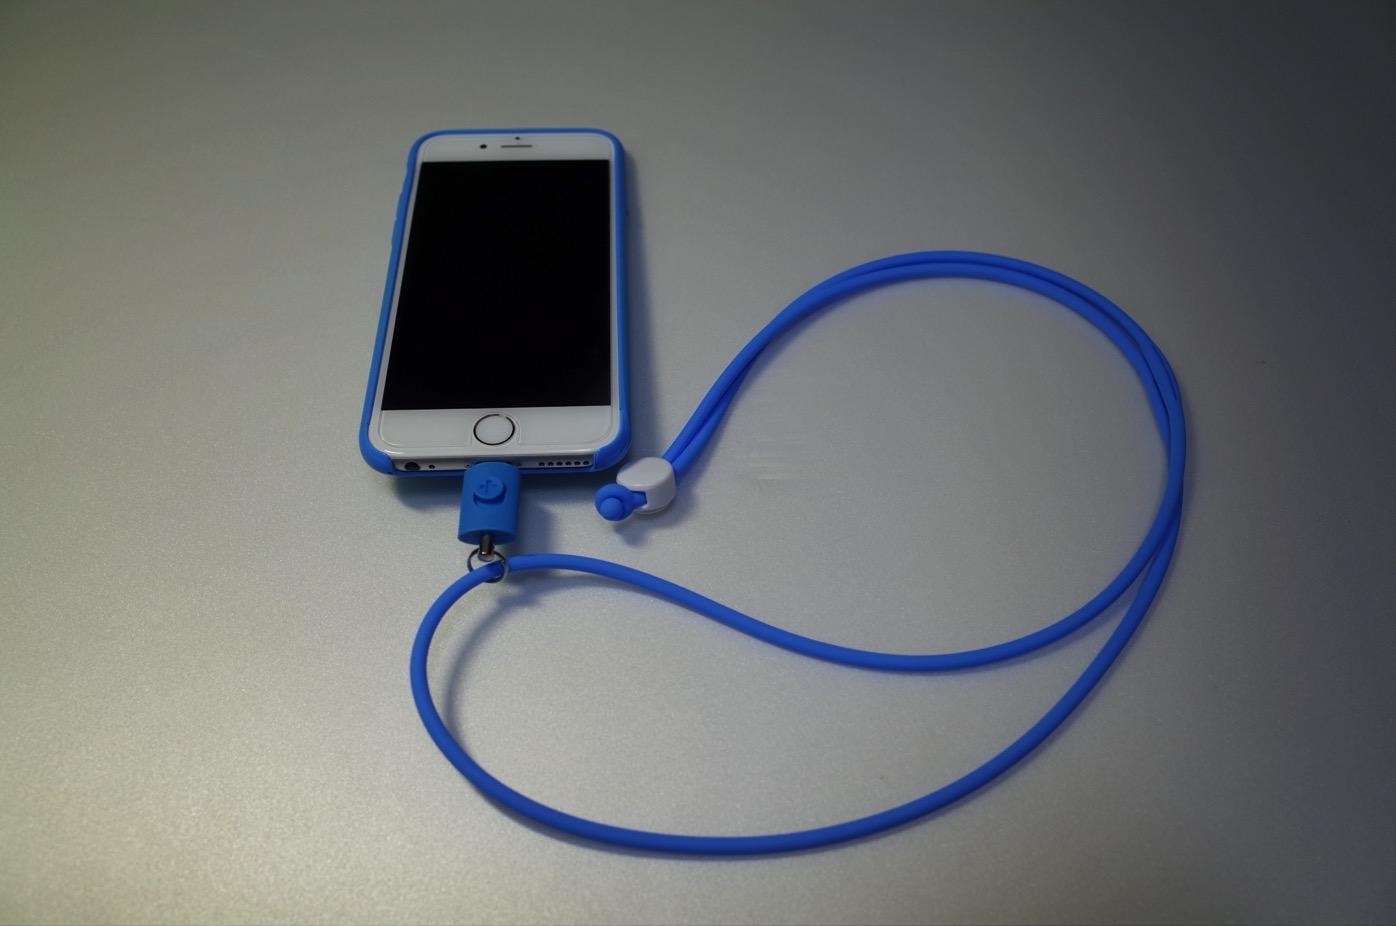 iPhone 6+Lightningコネクター用のネックストラップ